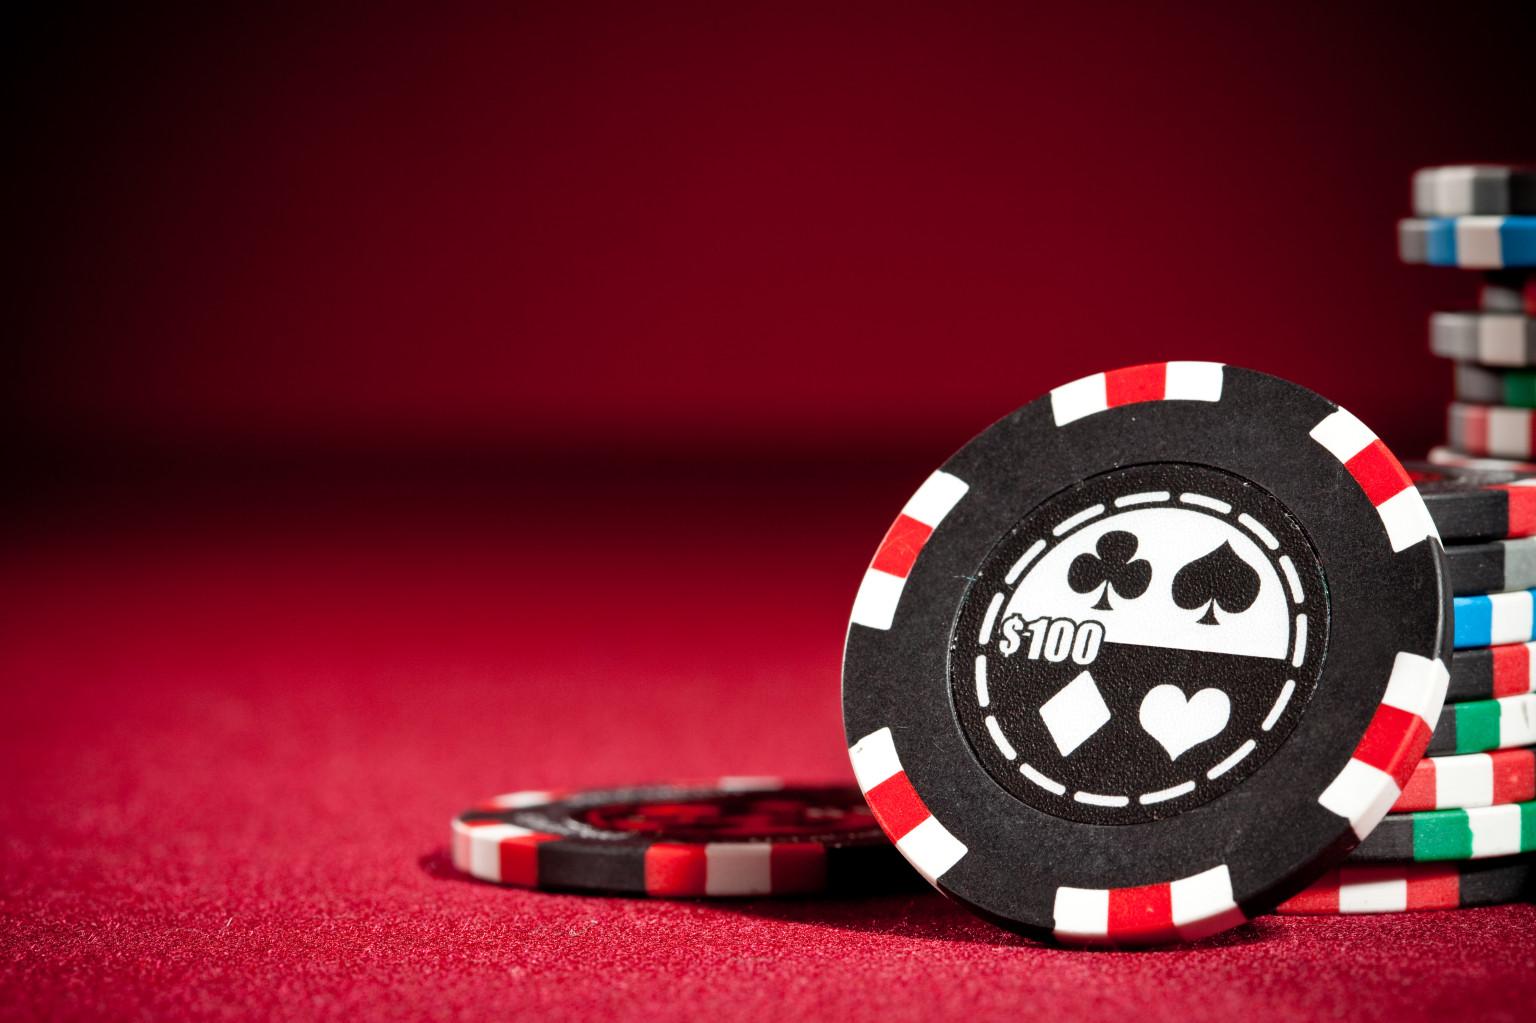 Se divertir avec plaisir avec les jeux casino